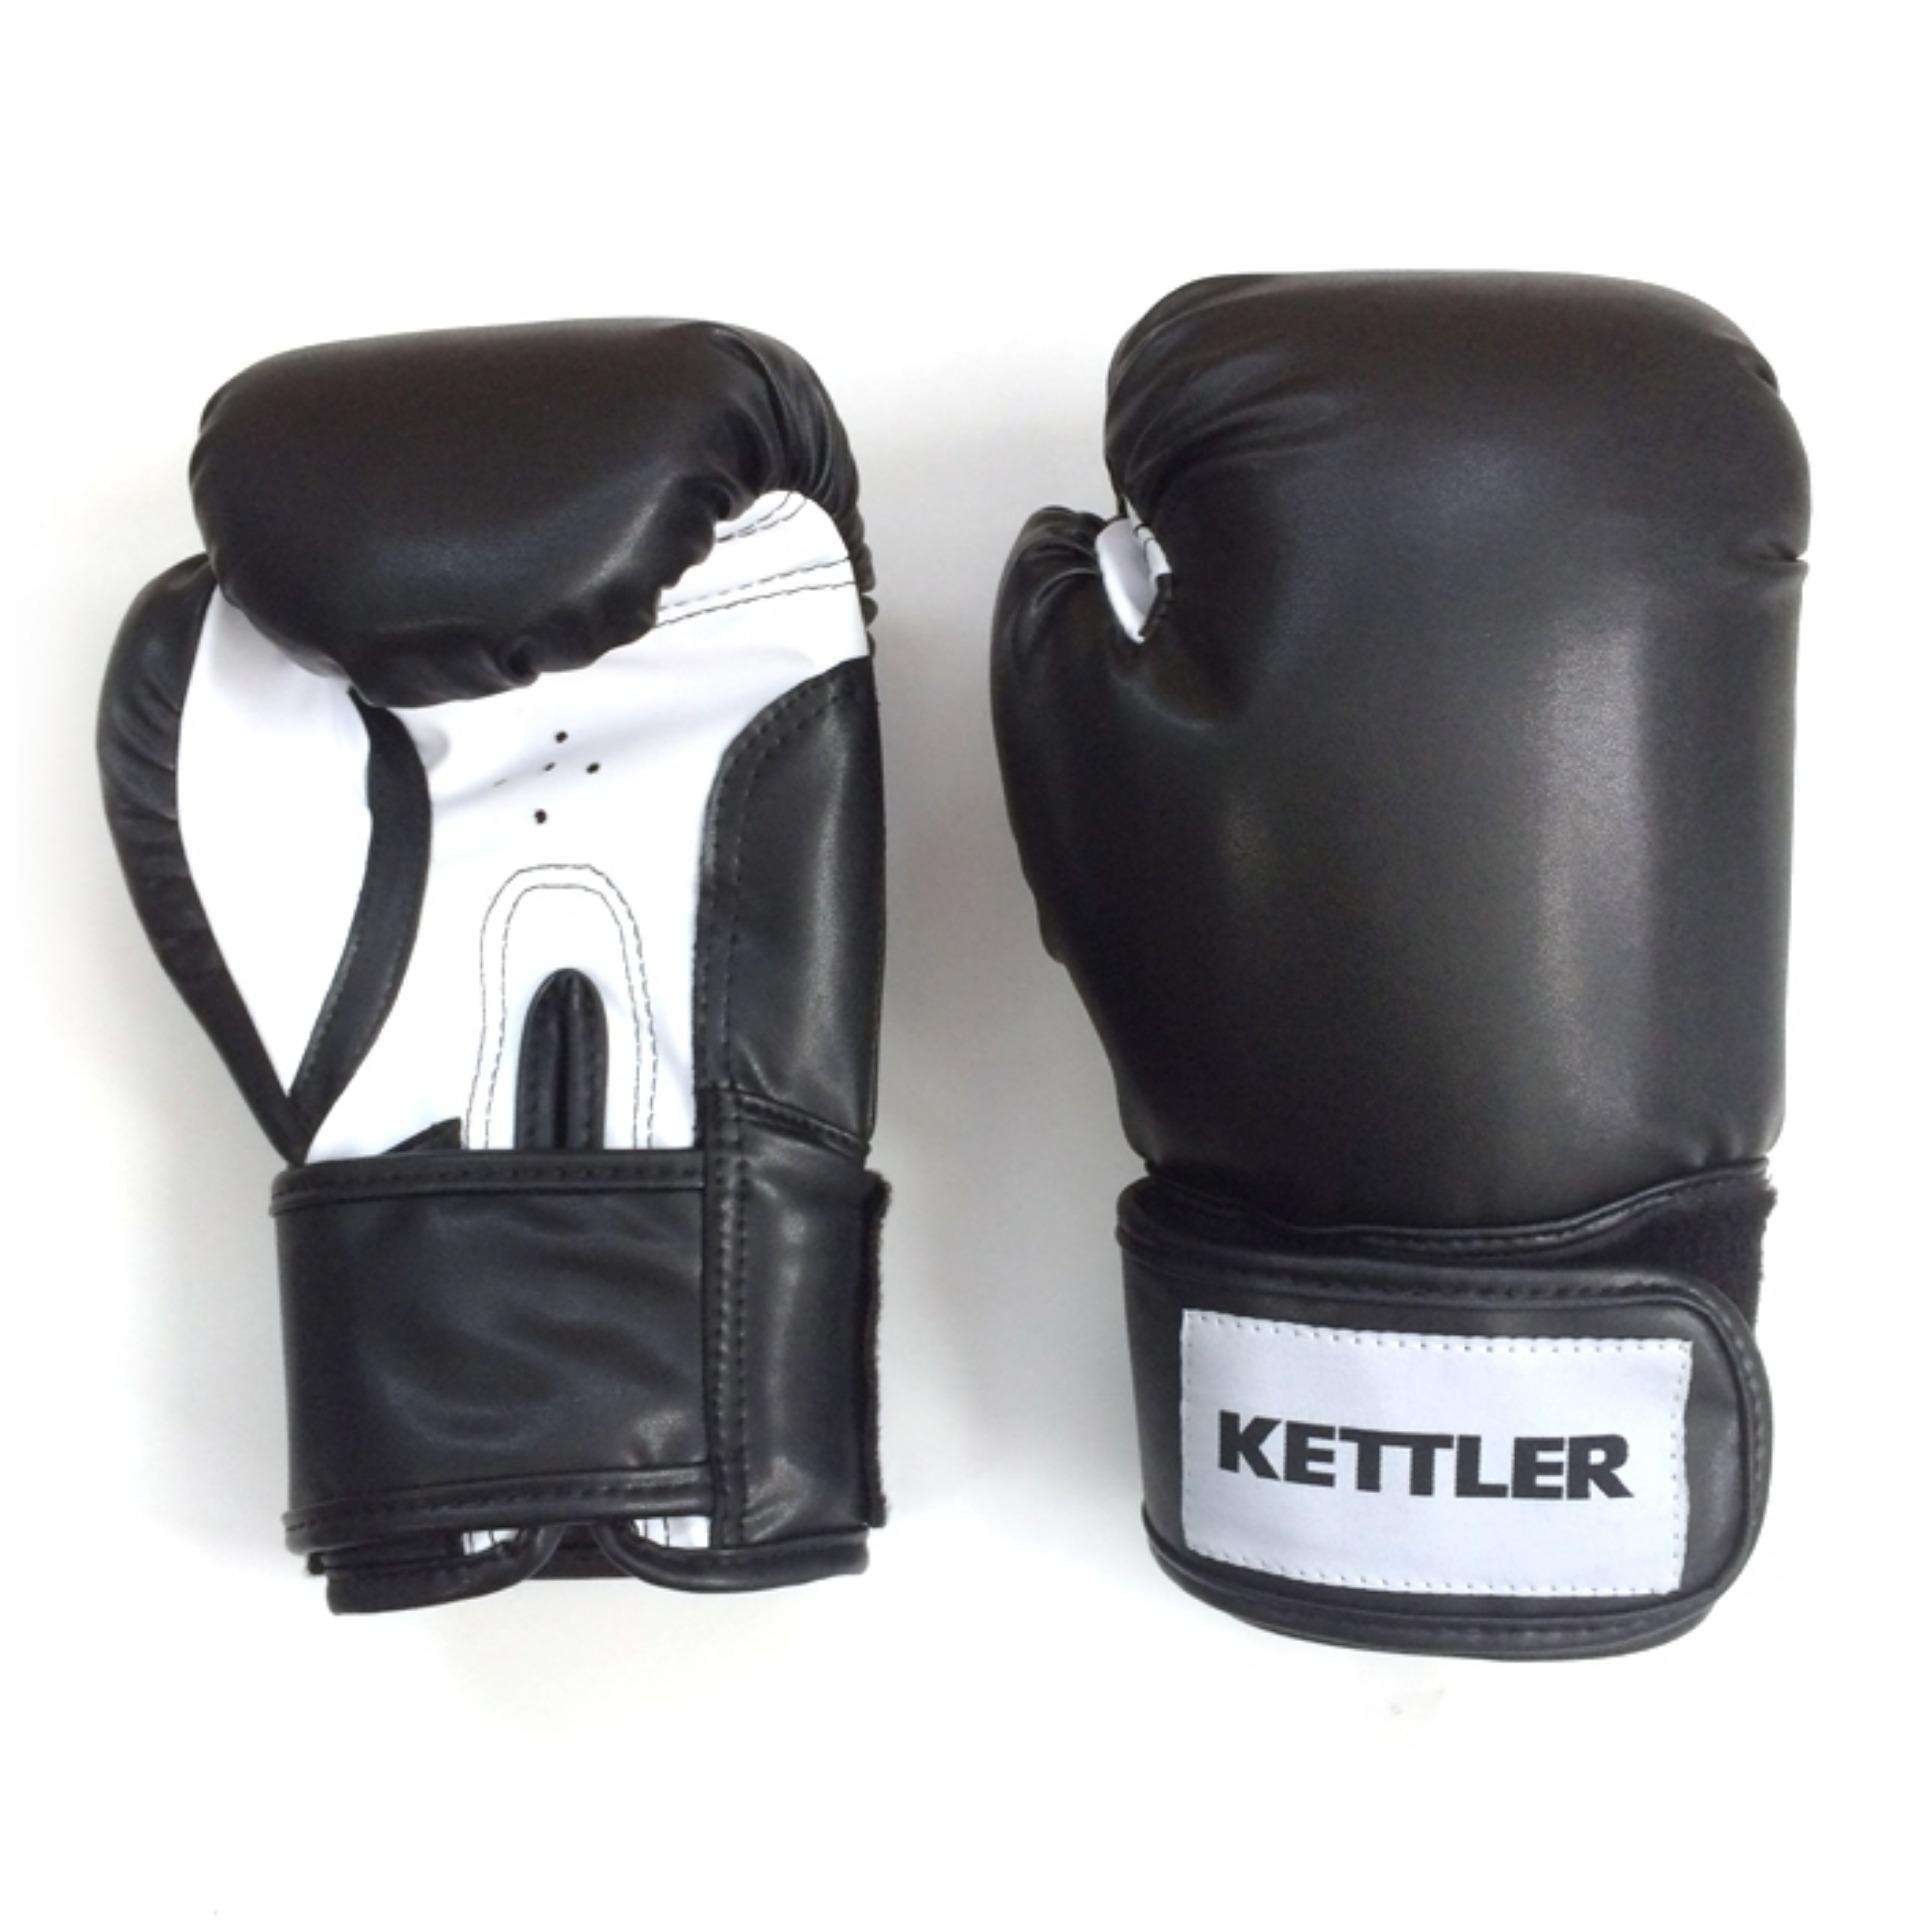 Kettler Sarung Tangan Tinju 12-OZ 0991-220 Black